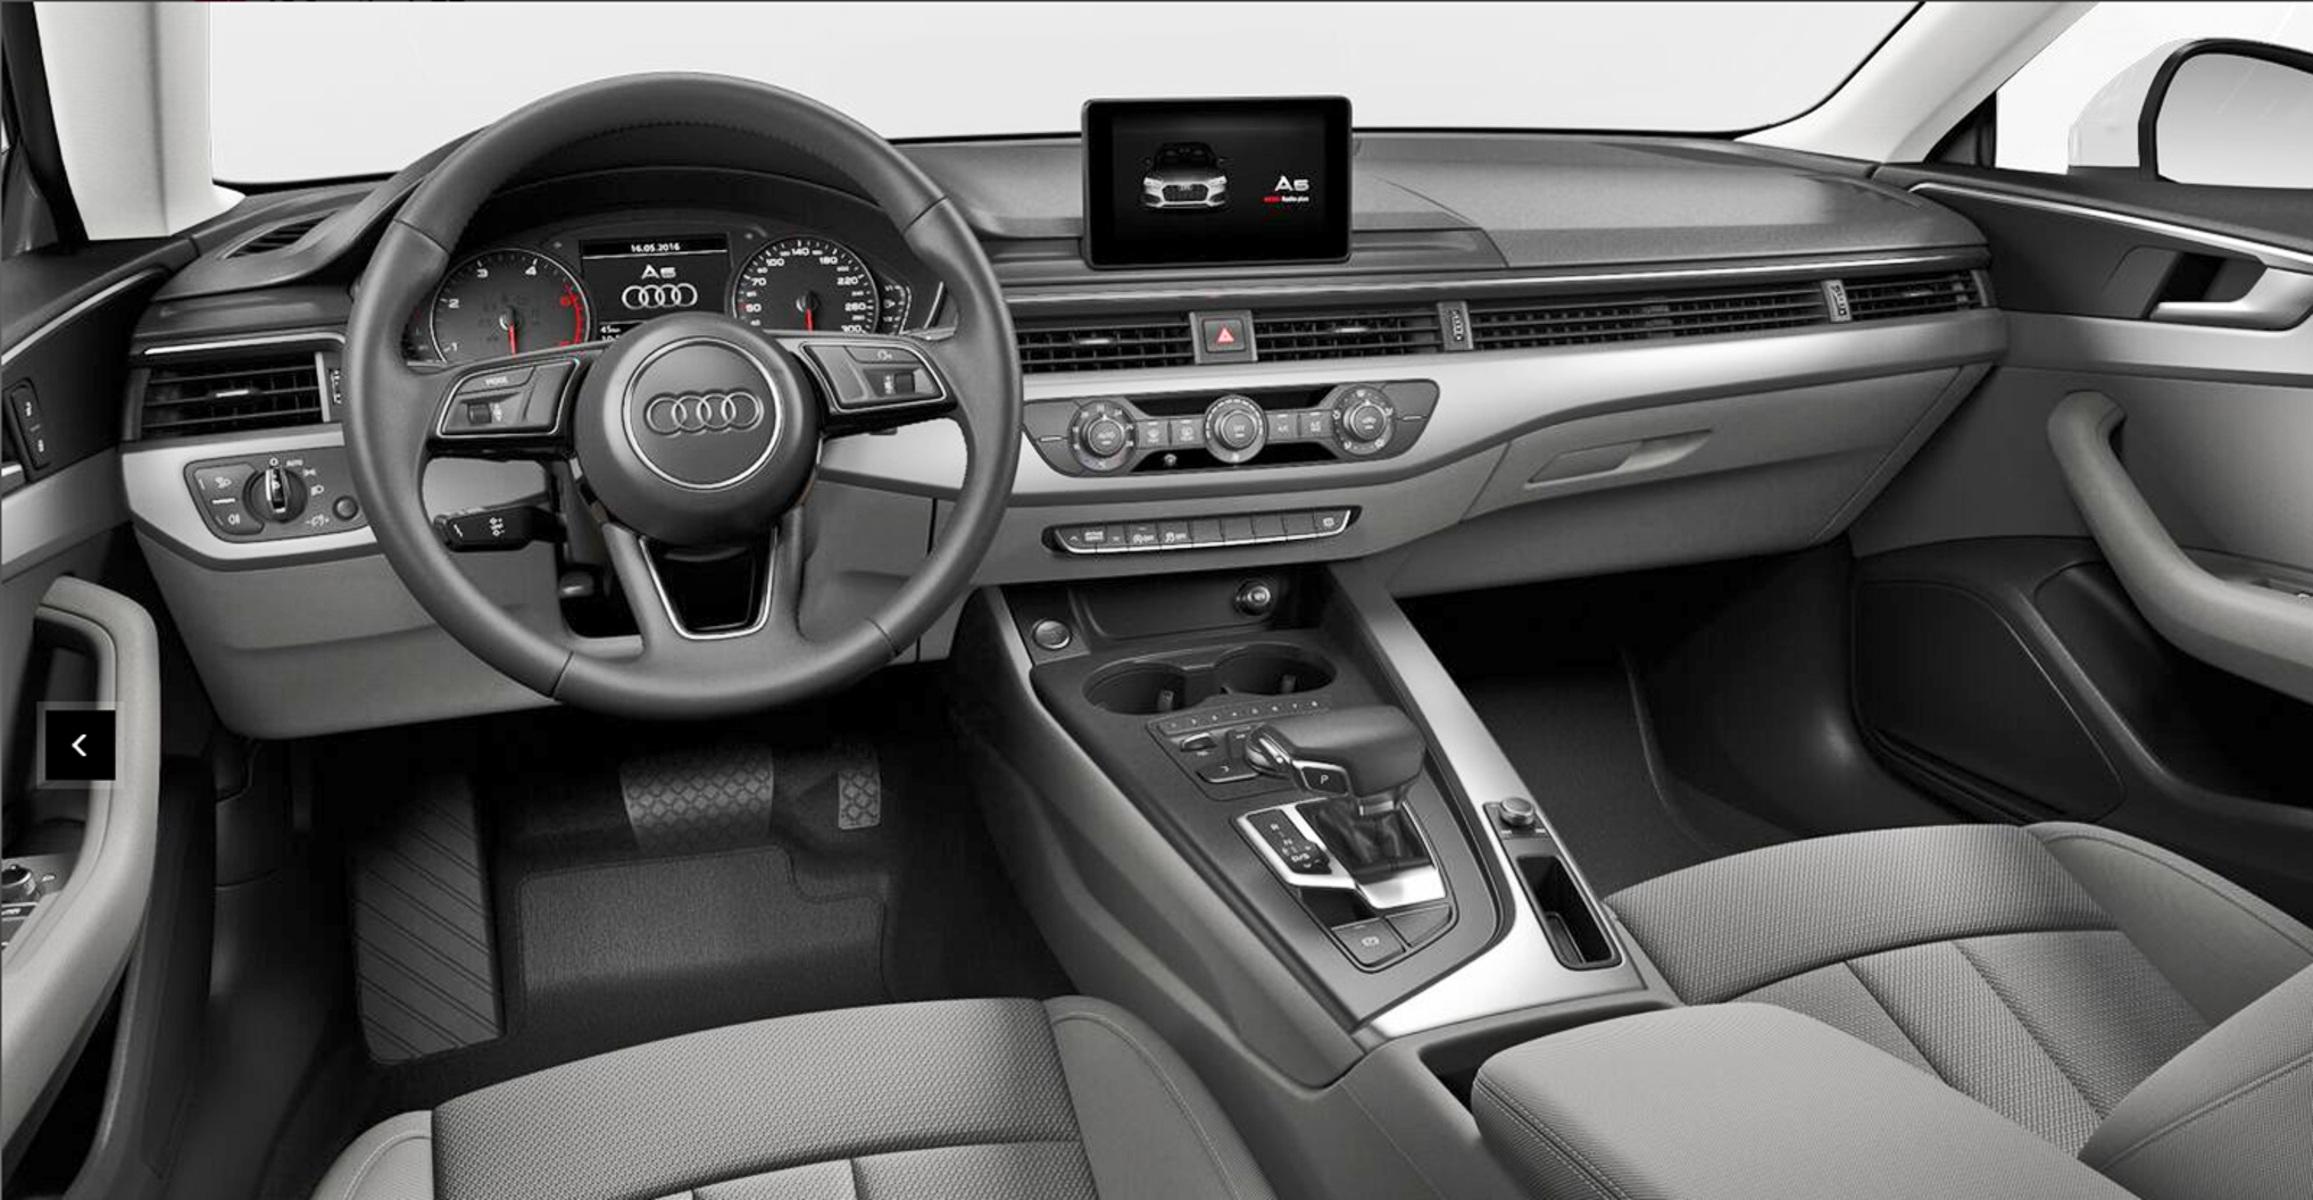 Listino Audi A5 Sportback prezzo - scheda tecnica ...